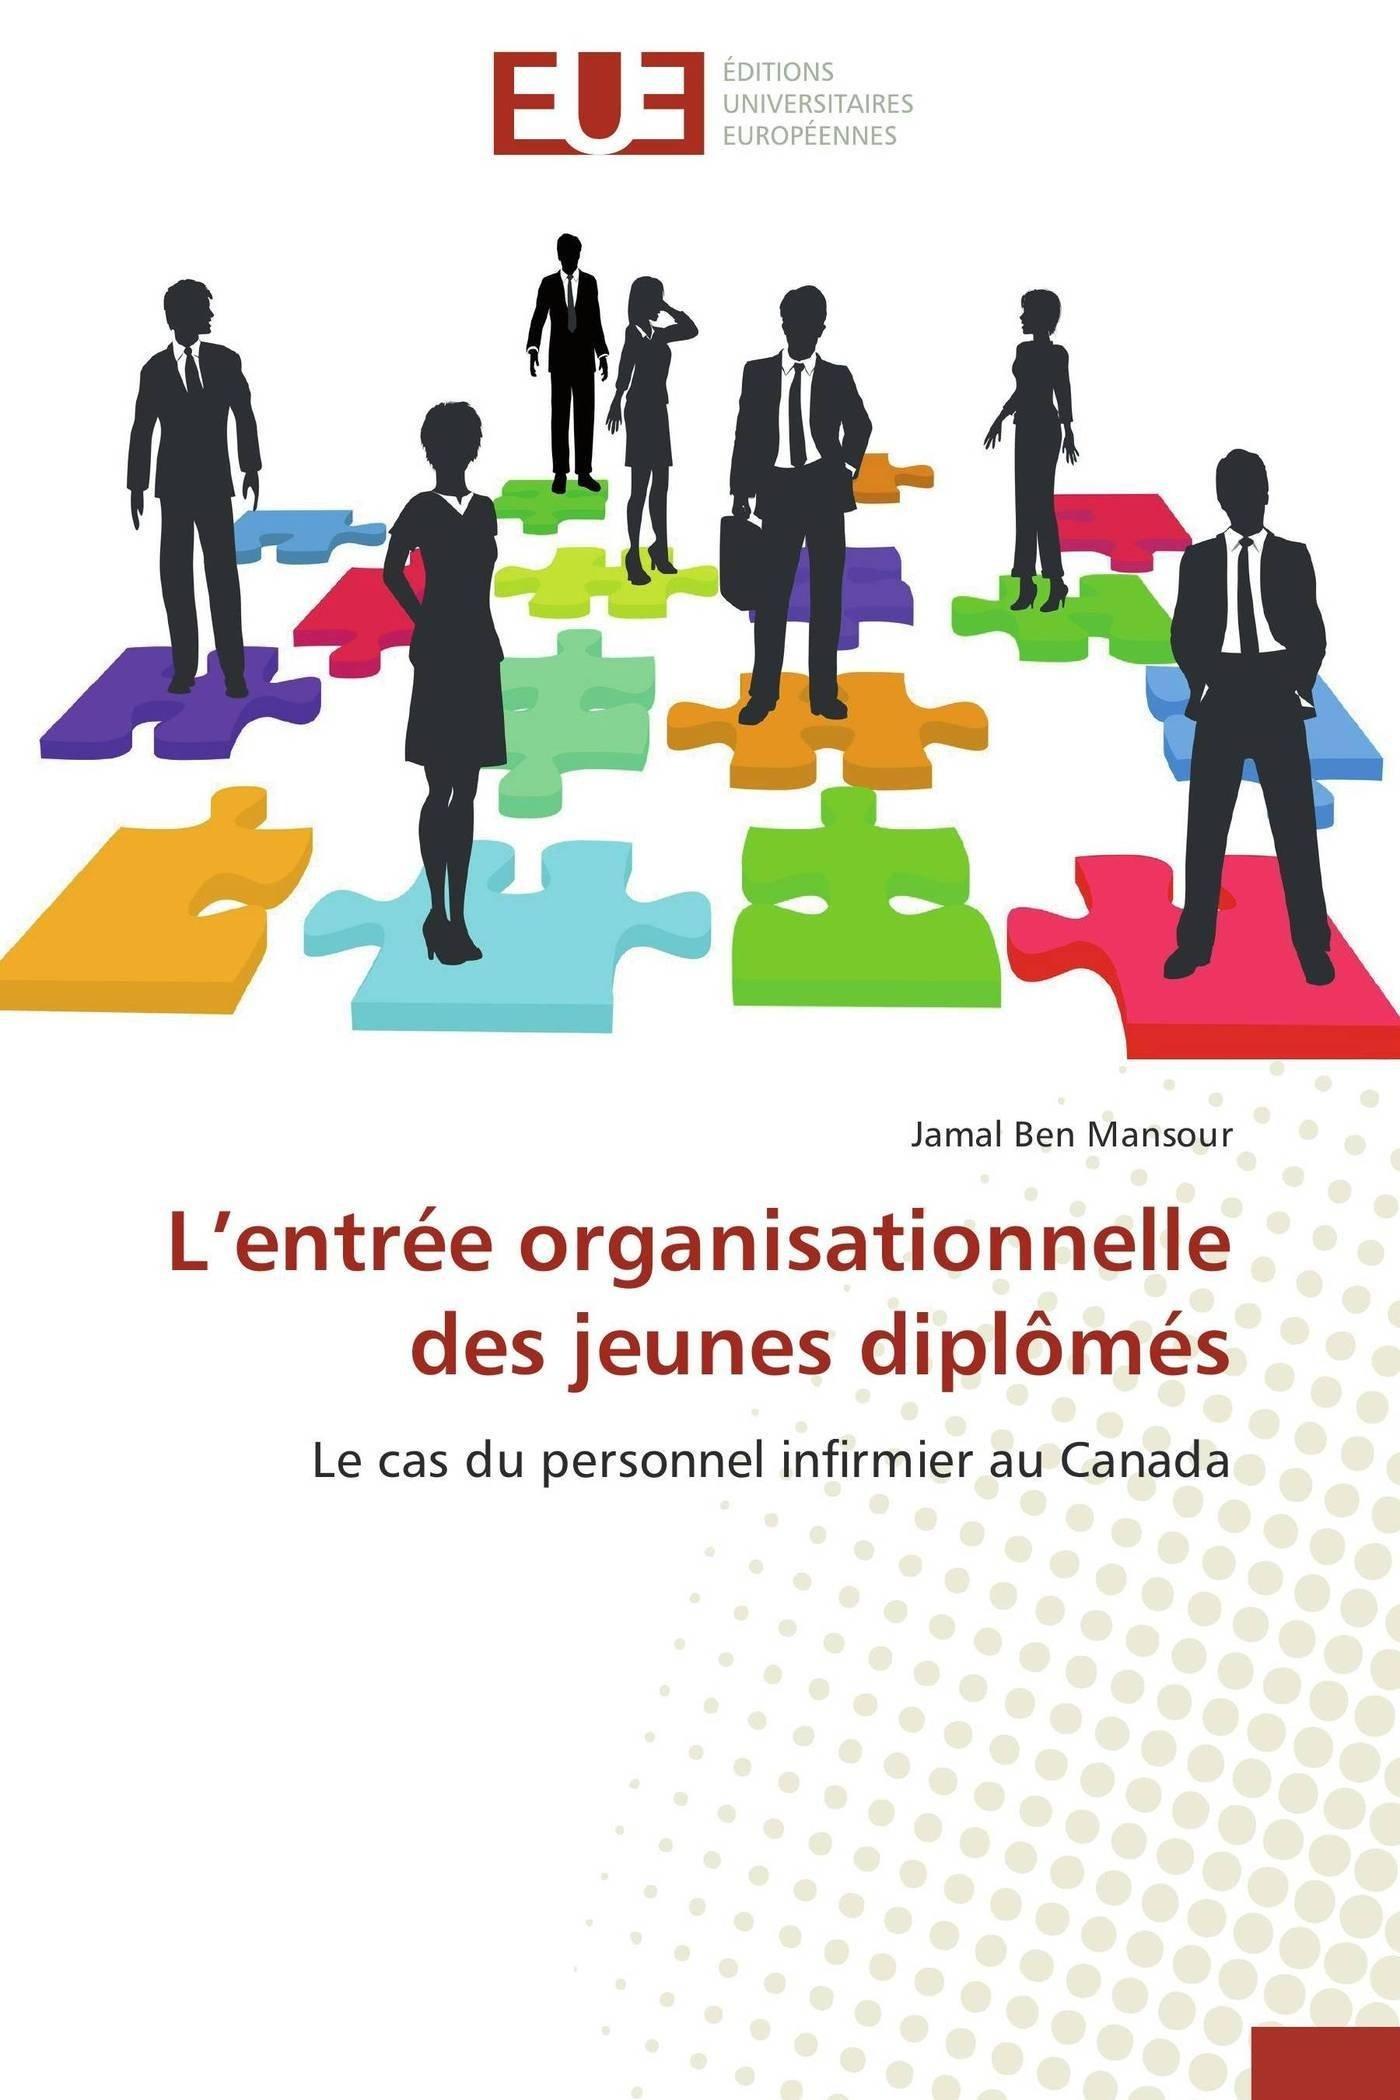 L'entrée organisationnelle des jeunes diplômés: Le cas du personnel infirmier au Canada (Omn.Univ.Europ.) (French Edition) ebook